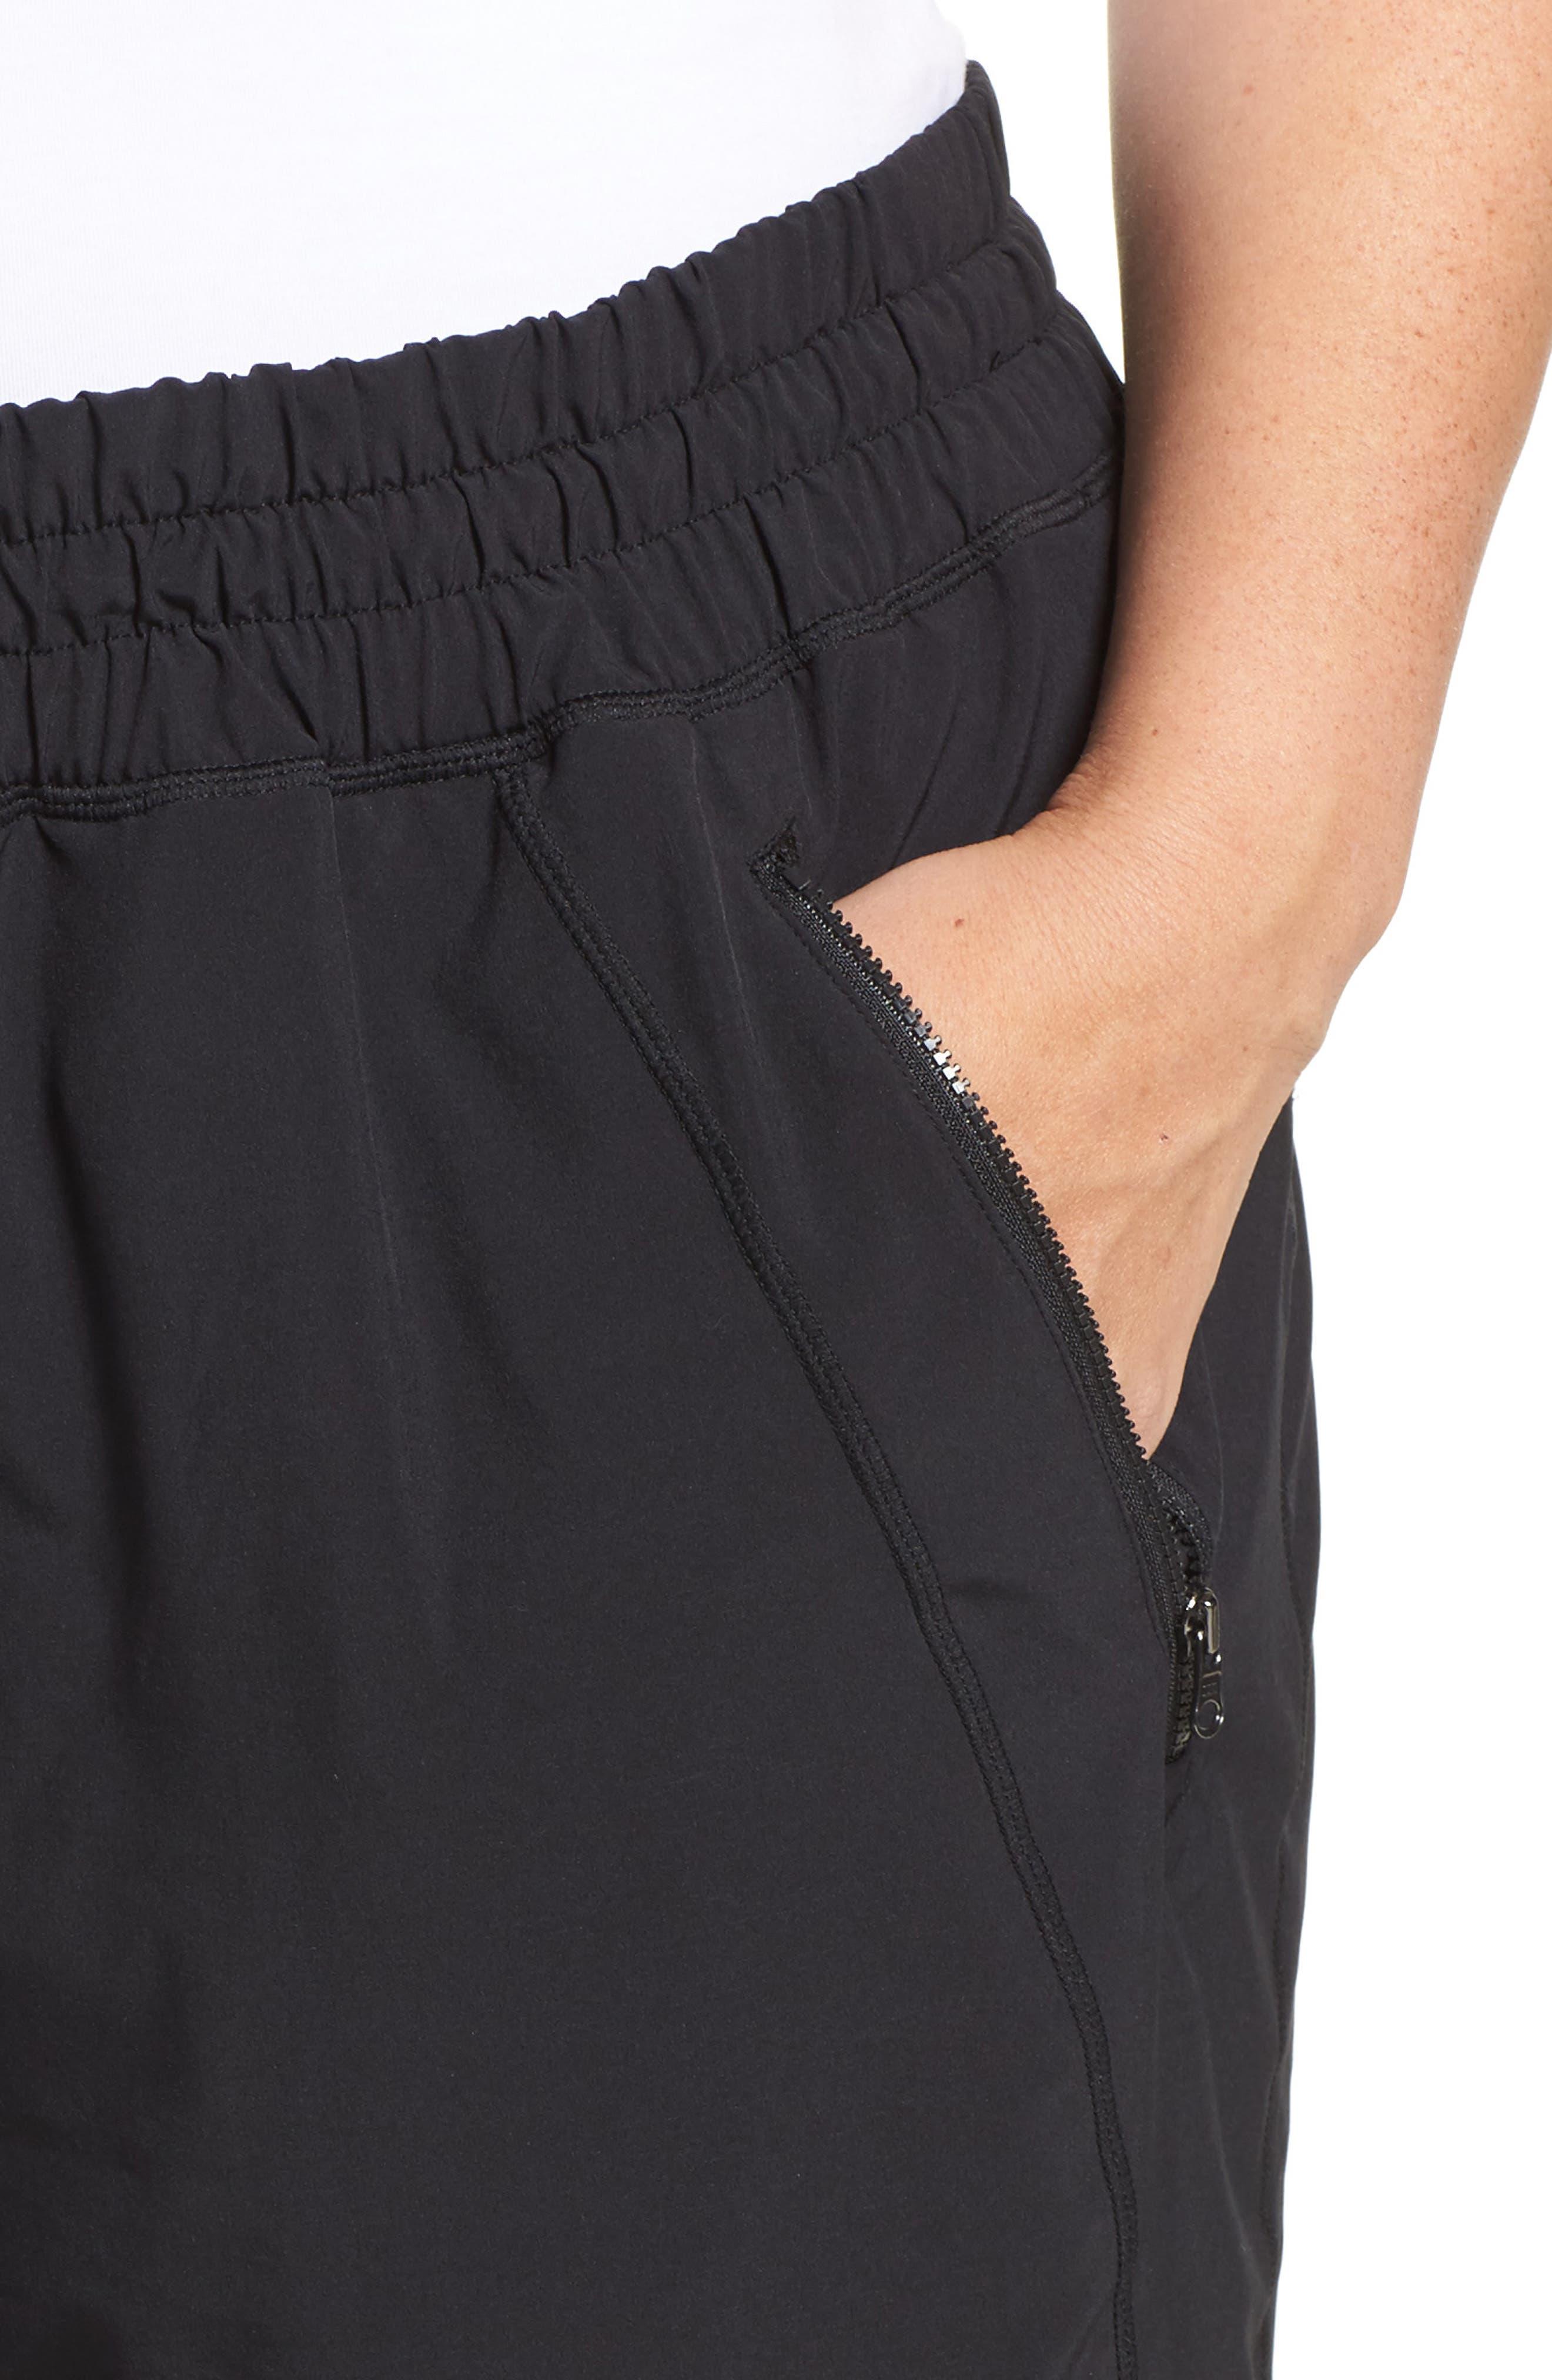 Out & About 2 Crop Pants,                             Alternate thumbnail 4, color,                             BLACK